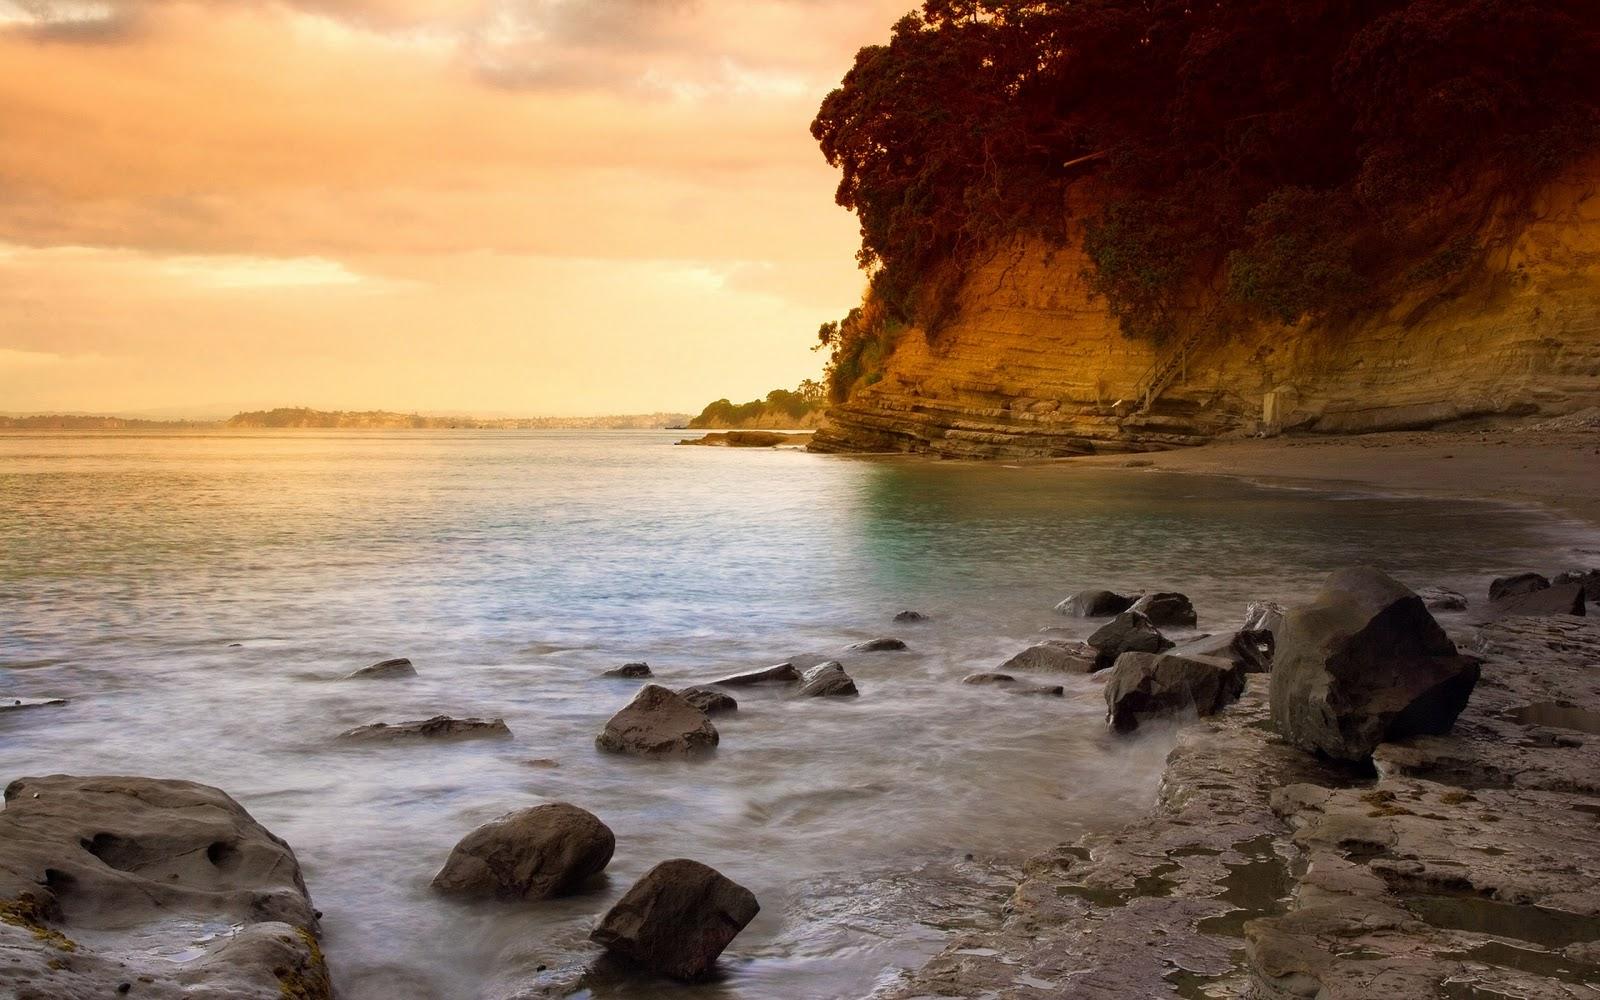 http://3.bp.blogspot.com/-UtgsaBsV4BM/TuJ1BkYeGeI/AAAAAAAAA30/birmEgX3kCU/s1600/beach+wallpaper+desktop+widescreen3.jpg